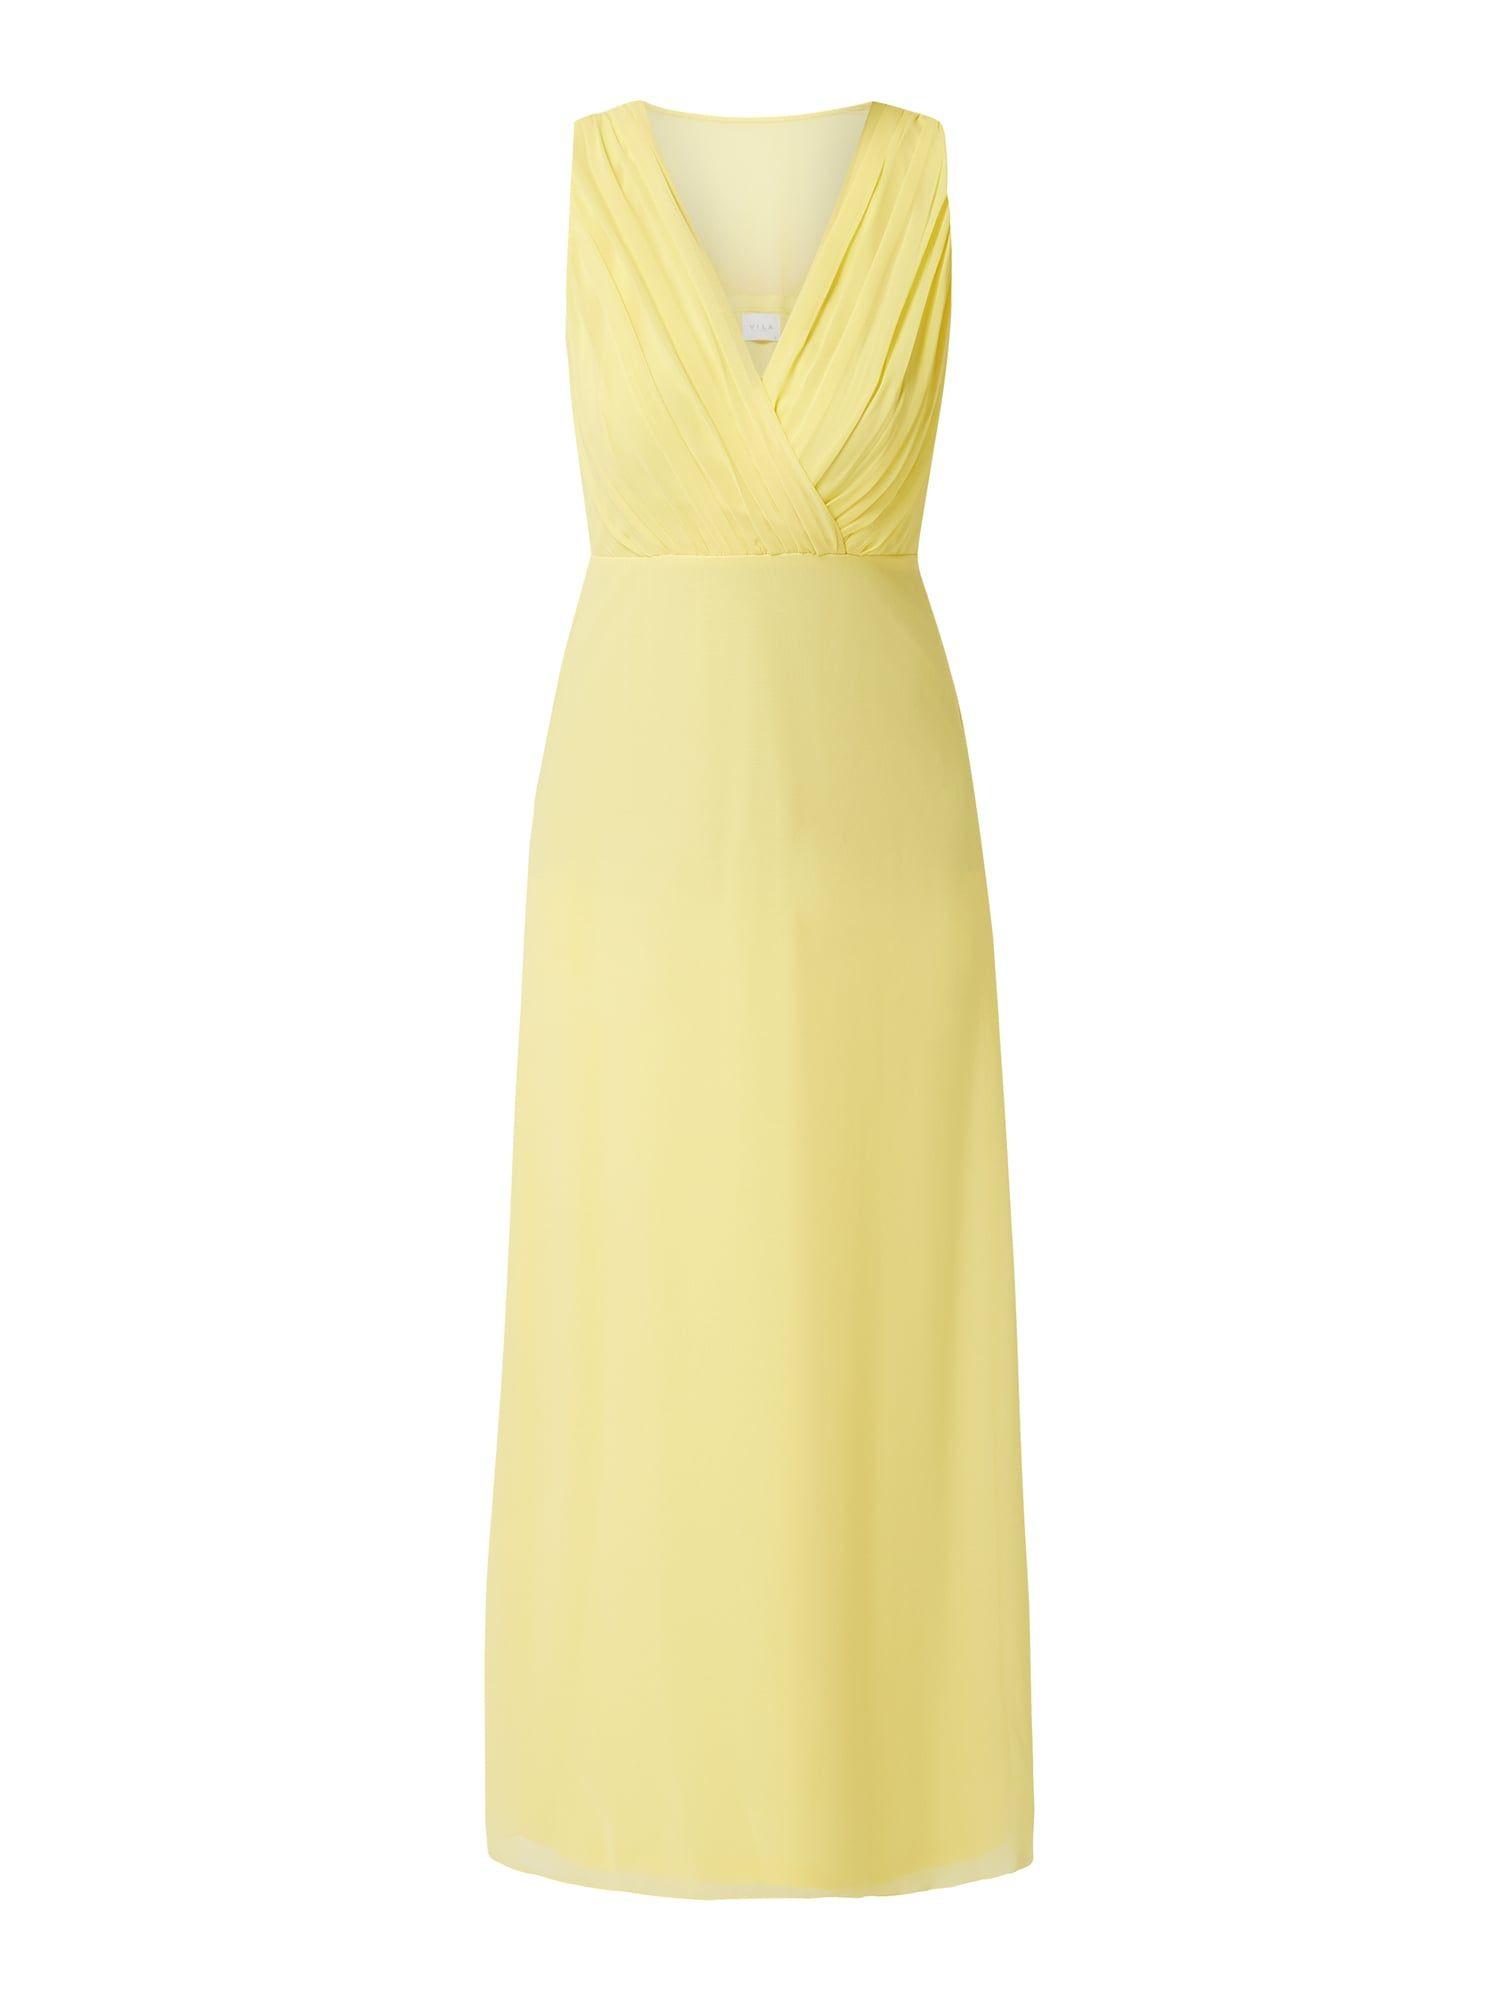 20 Kreativ Abendkleider P&C BoutiqueAbend Genial Abendkleider P&C Bester Preis